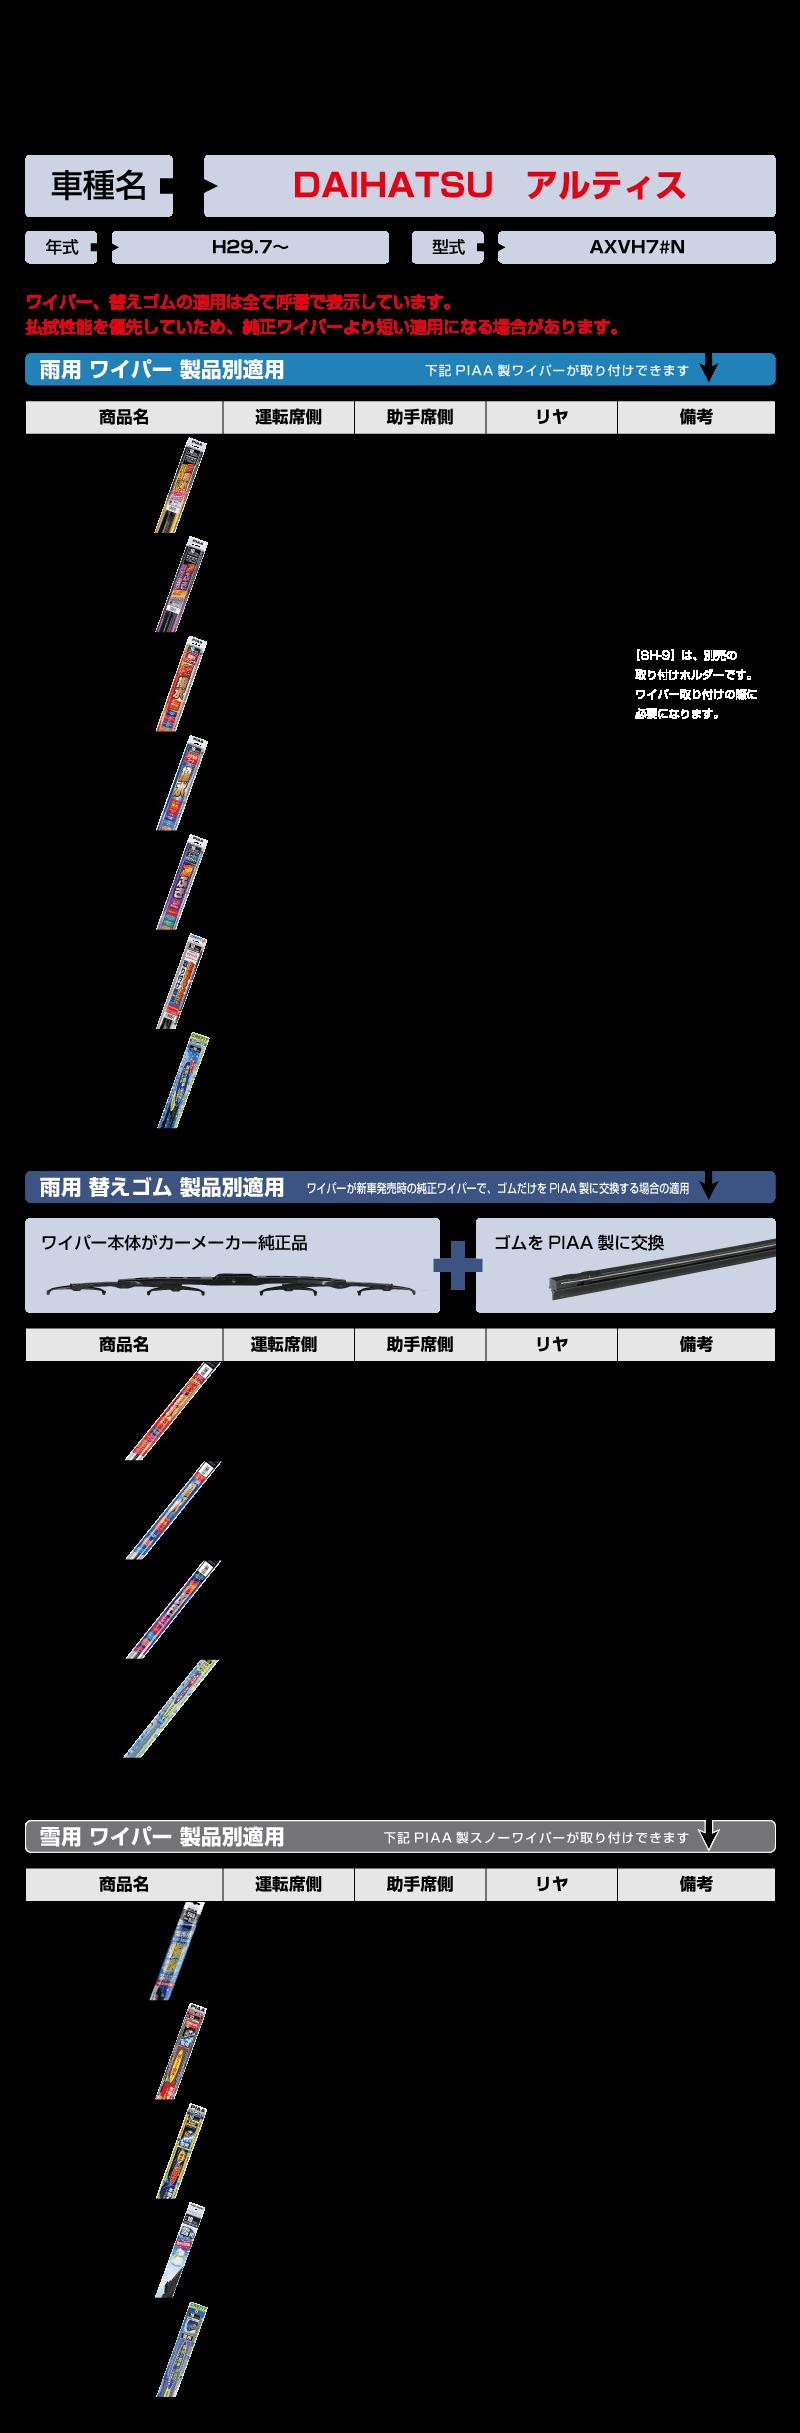 TEKIYO_DAIHATSU_ALTIS_H29.7